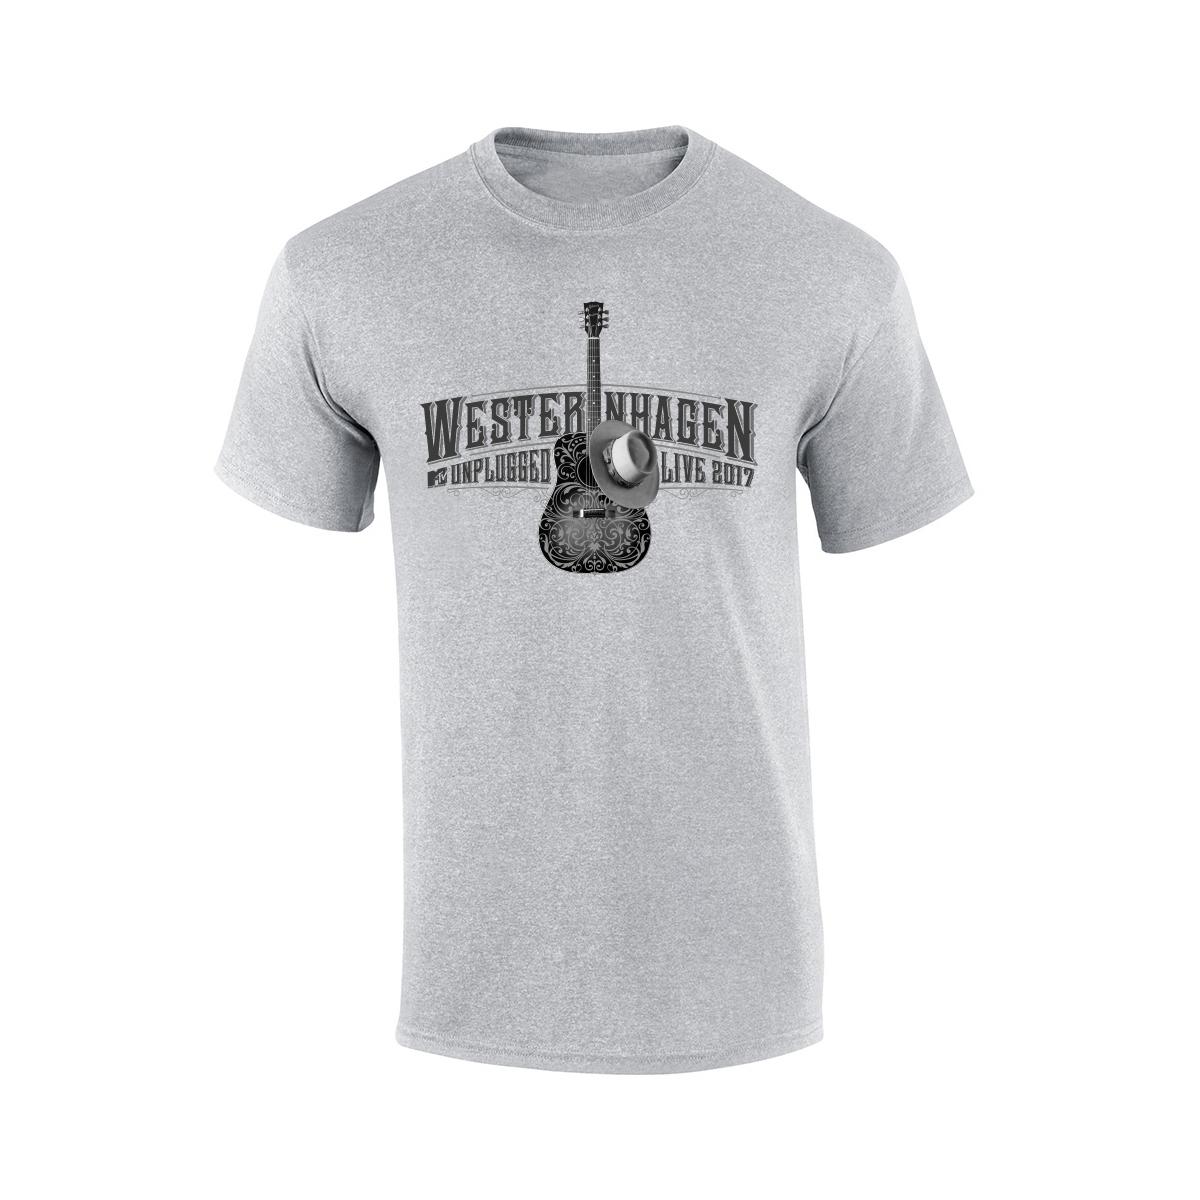 Westernhagen Guitar T-Shirt Herren Shirt, grau meliert